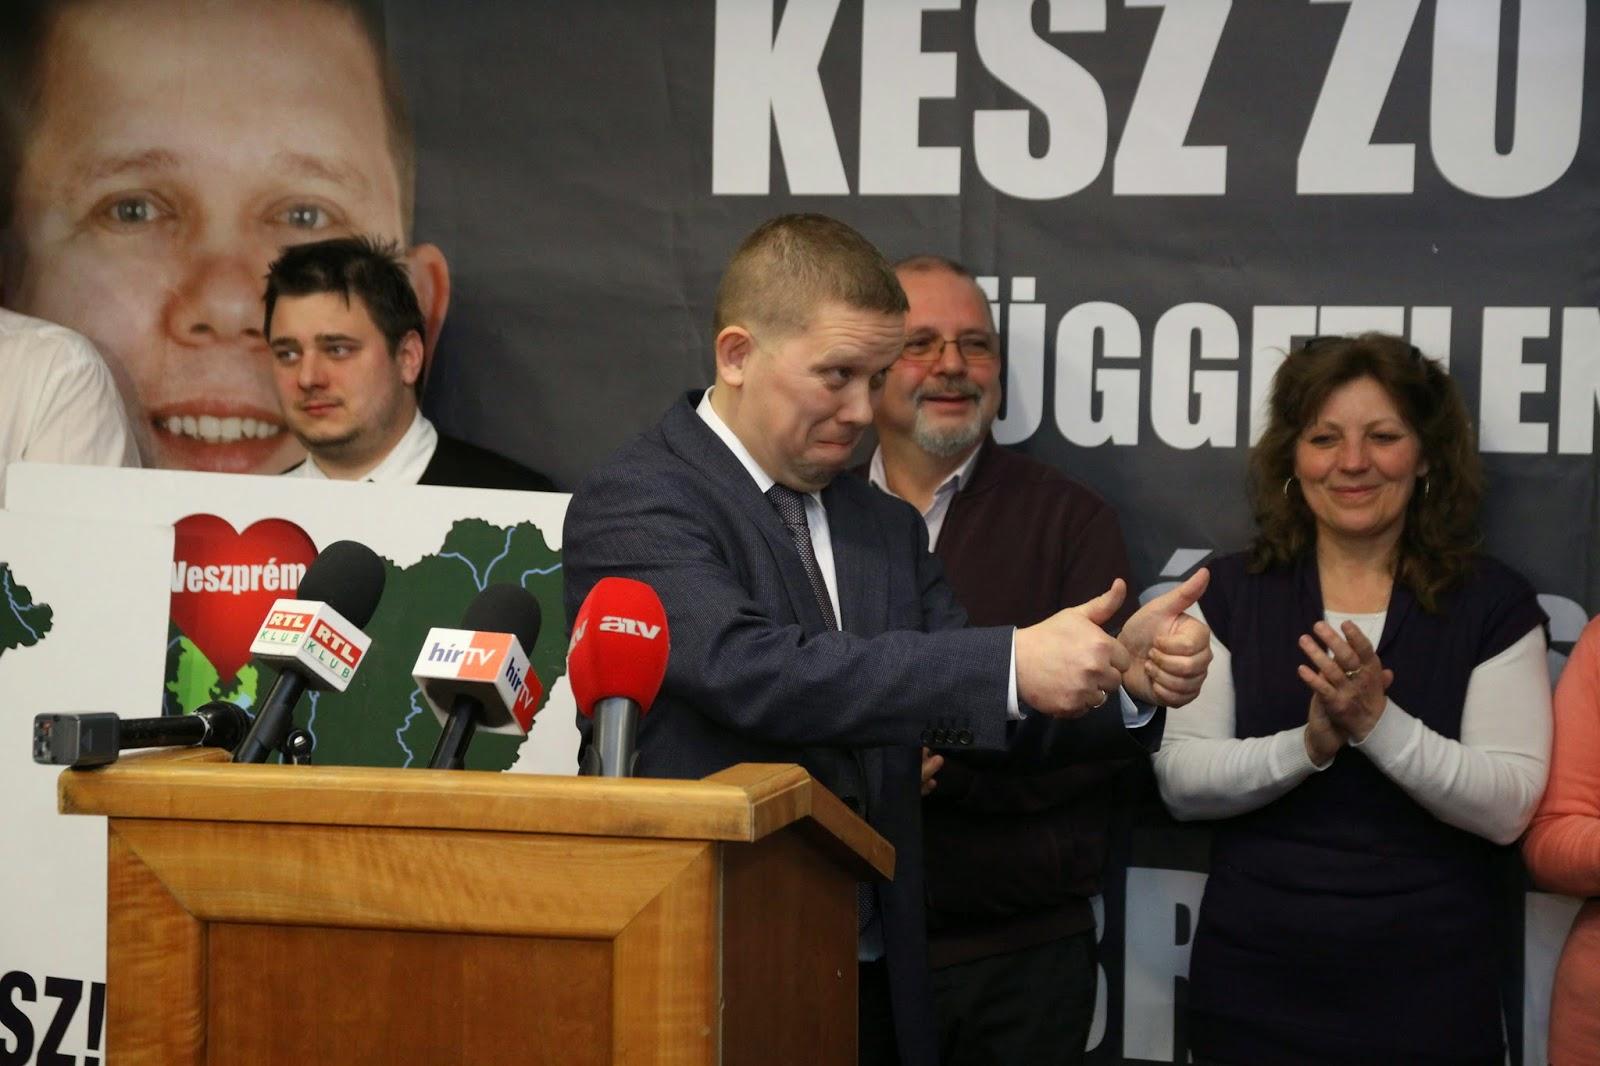 időközi választások, Veszprém, Kész Zoltán, Fidesz, Fidesz-KDNP, kétharmad, Navracsics Tibor,